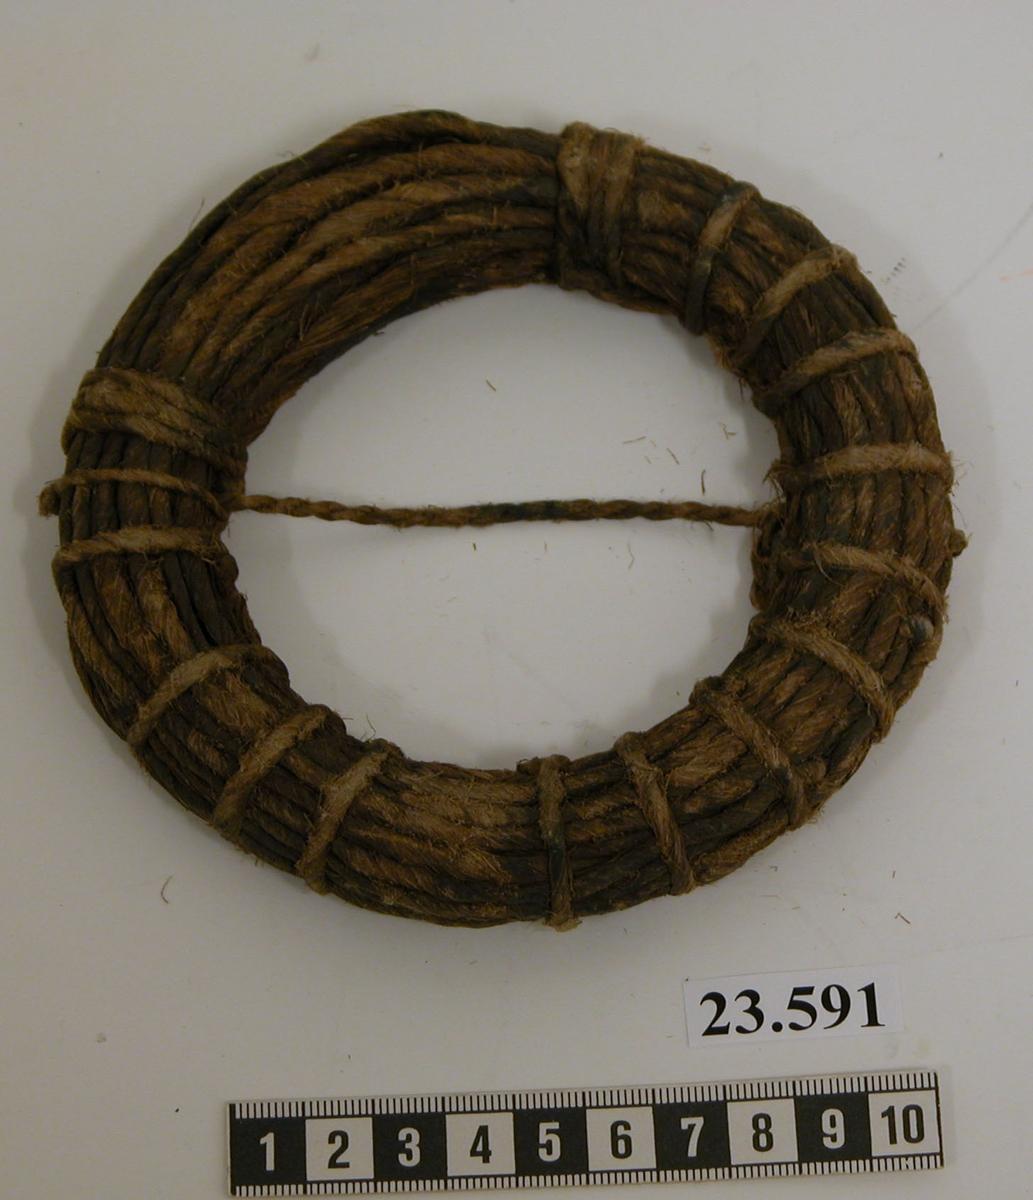 Förladdning av tvinnad tjärad hampa, formad som en ring, sammanbunden.